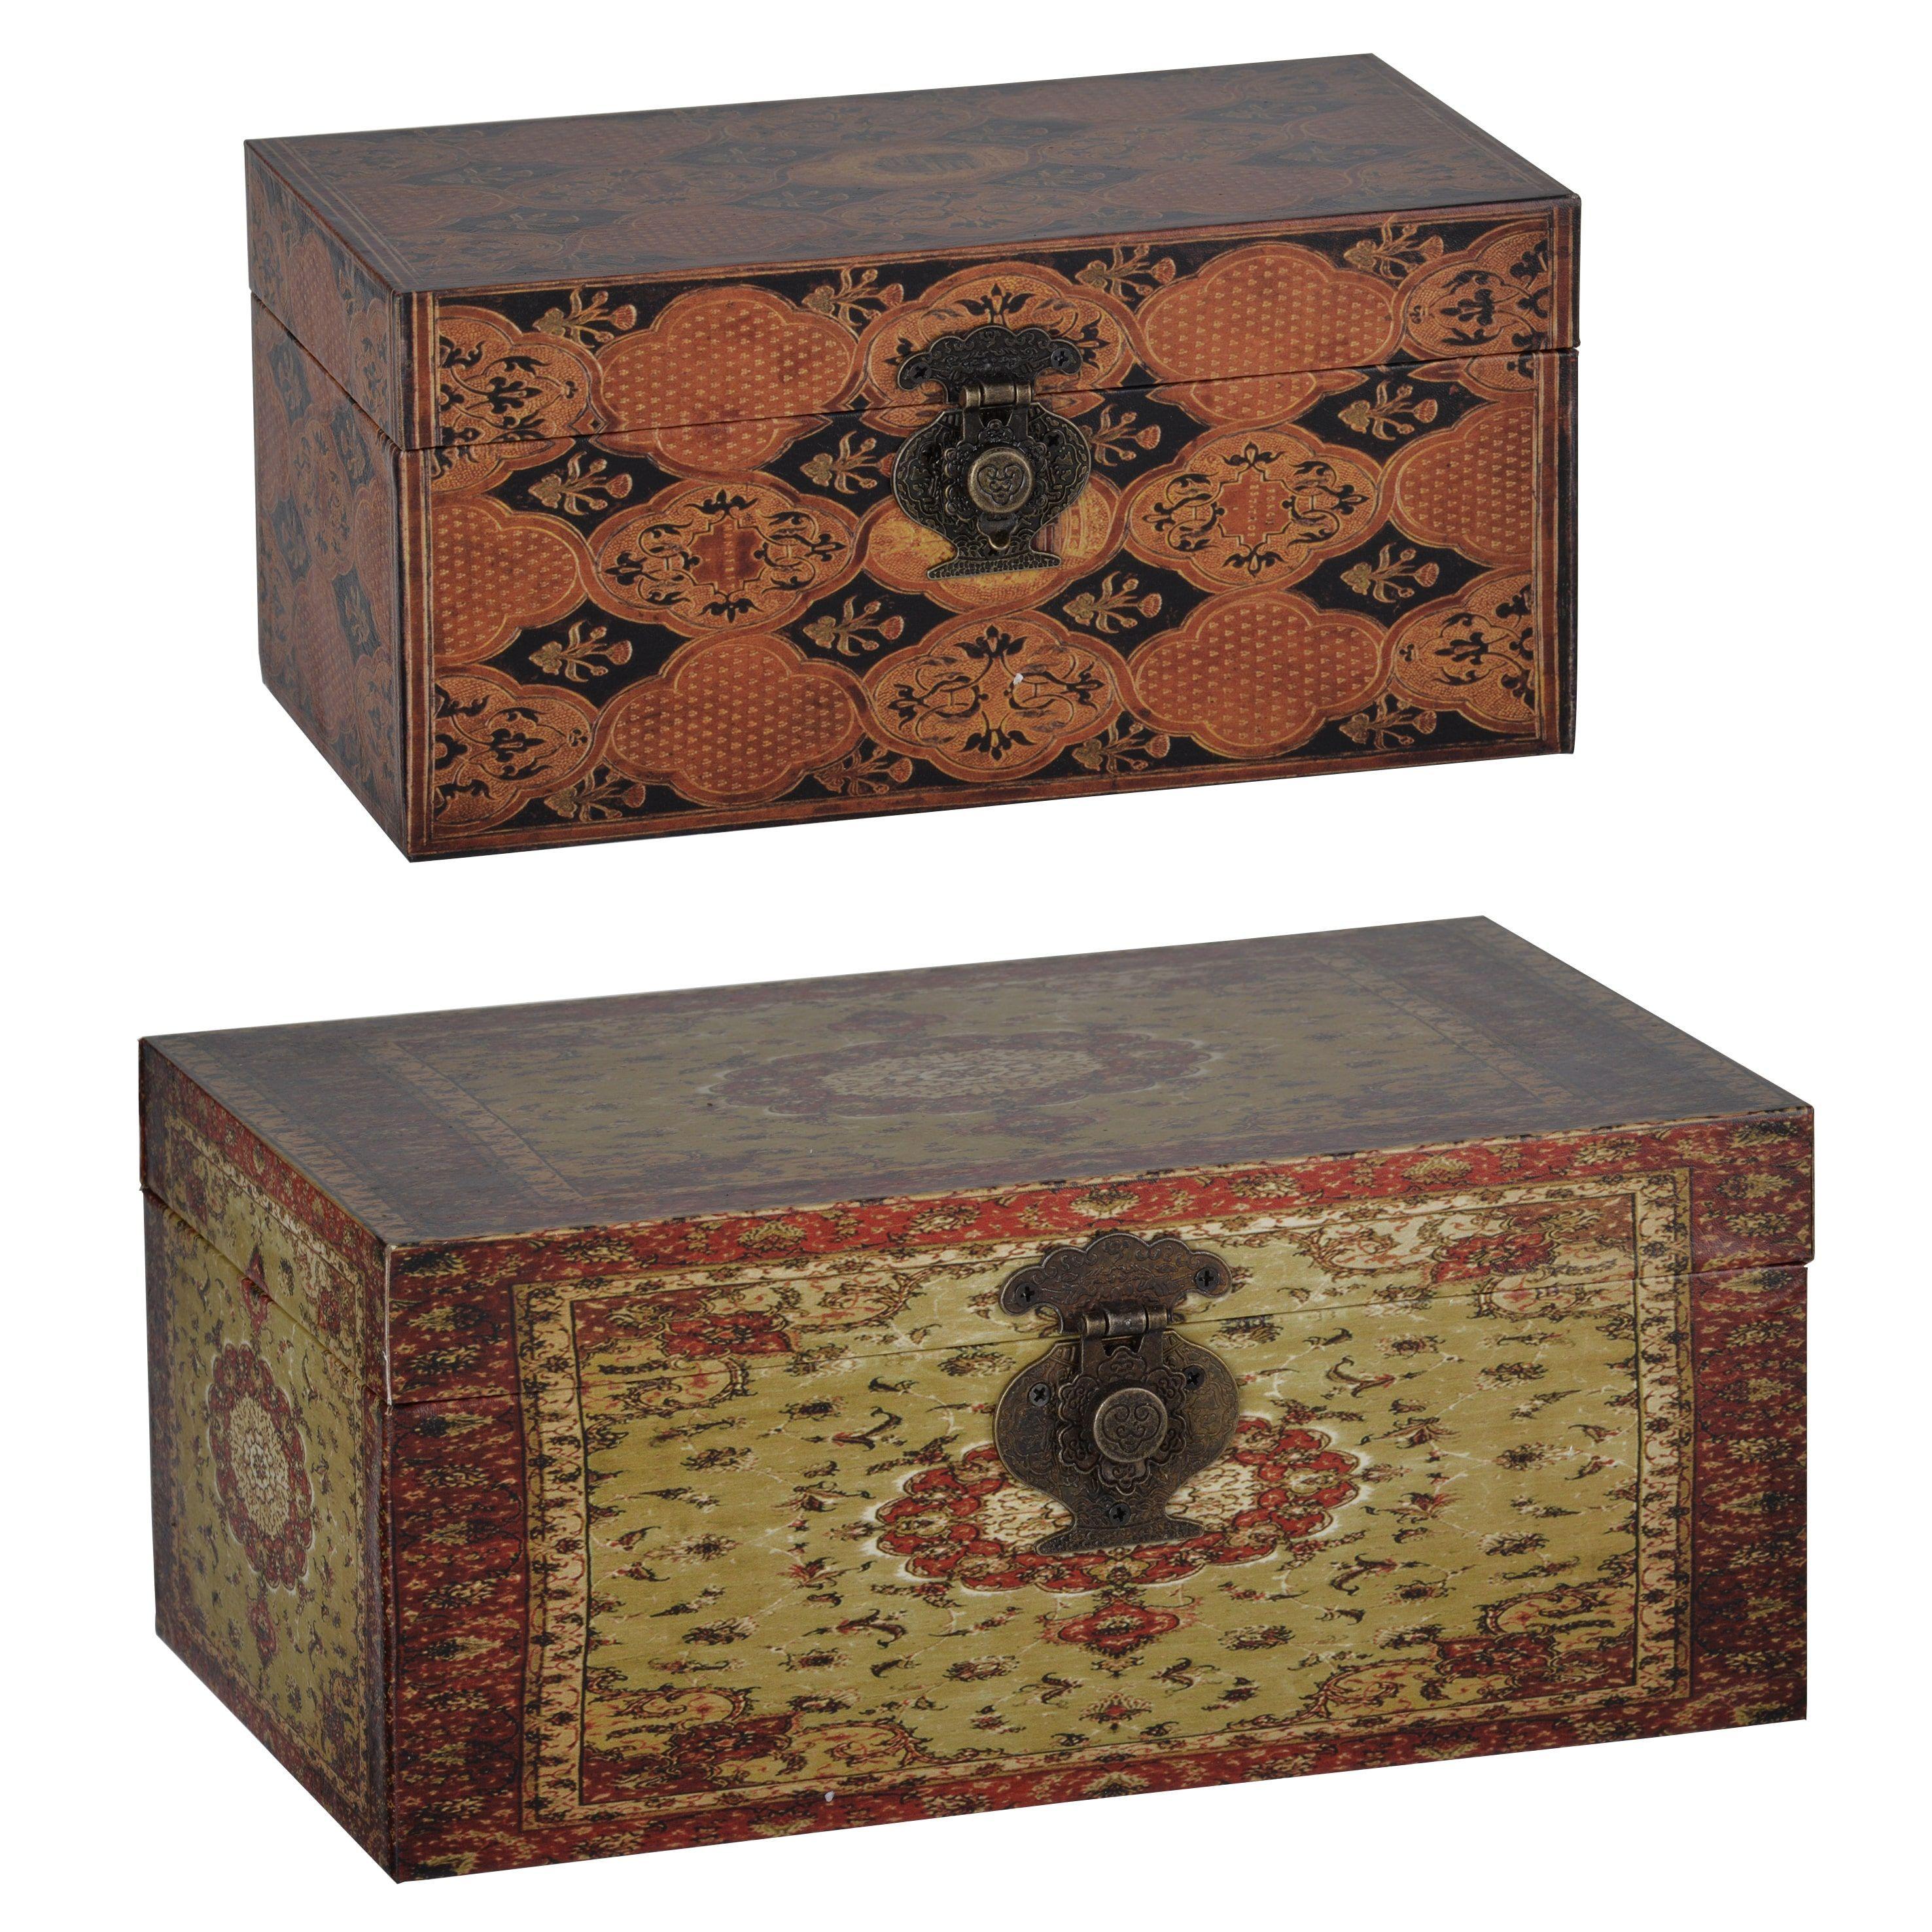 Decorative Stackable Boxes S2 Decorative Storage Boxes Stackable Storage Boxes Multi